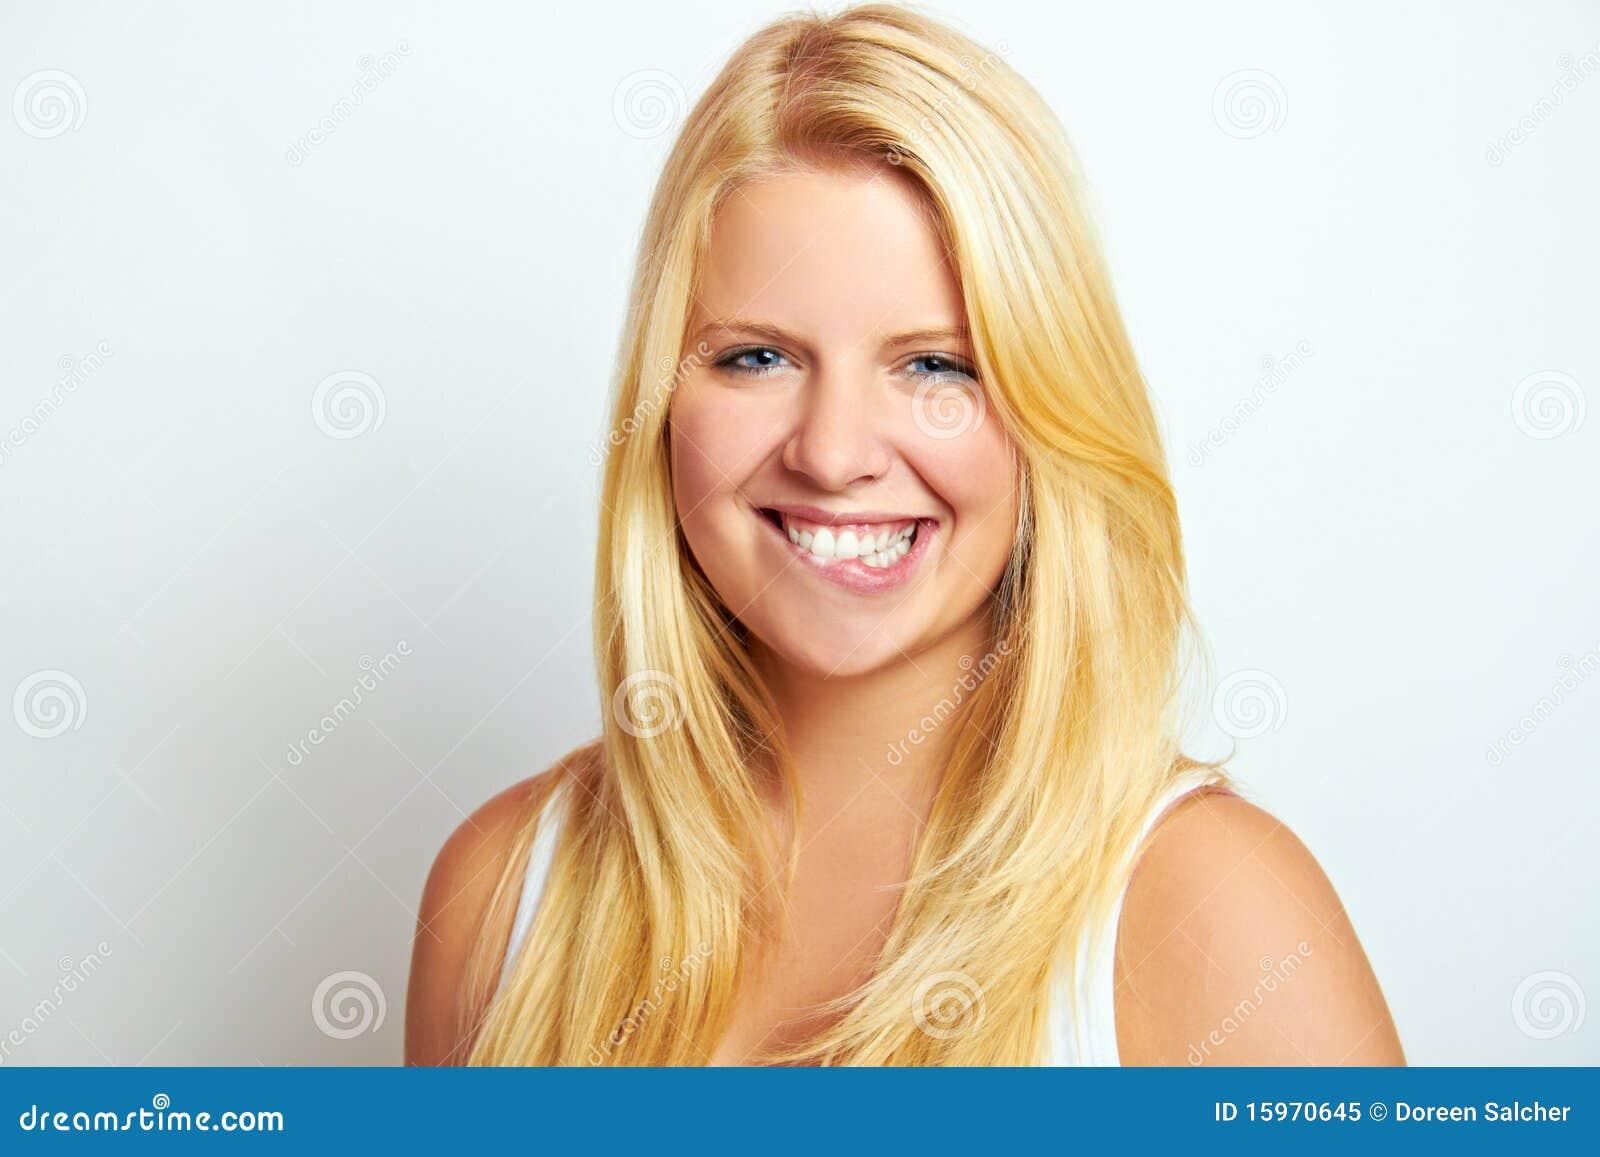 Adolescente femenino sonriente